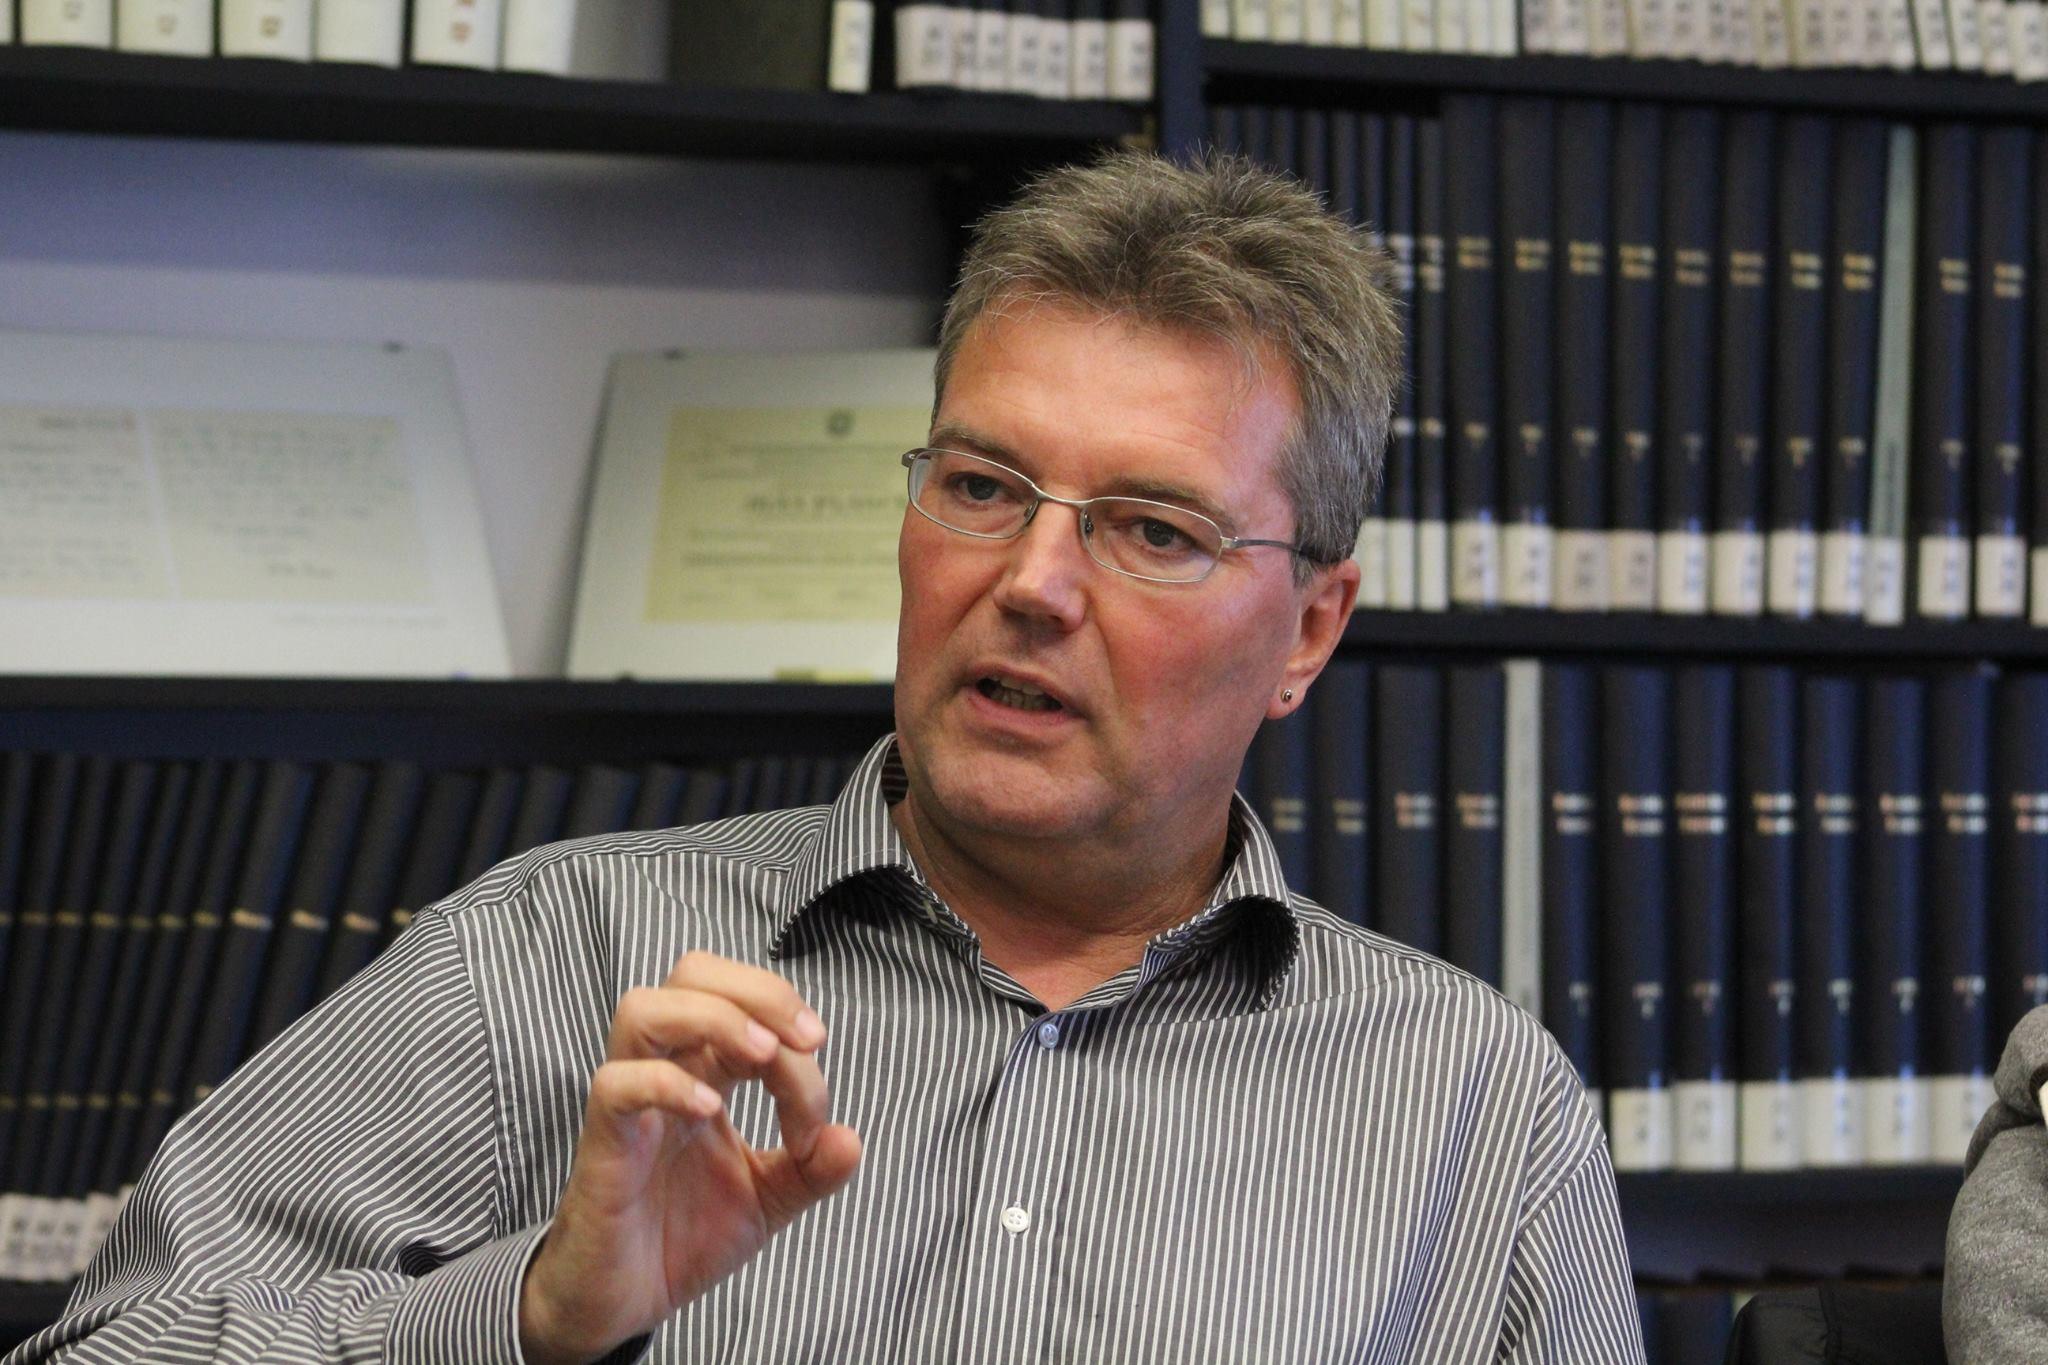 Lars Harms, Spitzenkandidat des SSW für die Landtagswahl 2017, beim Fraktionsbesuch im Max Planck Zimmer des Kieler Rathauses